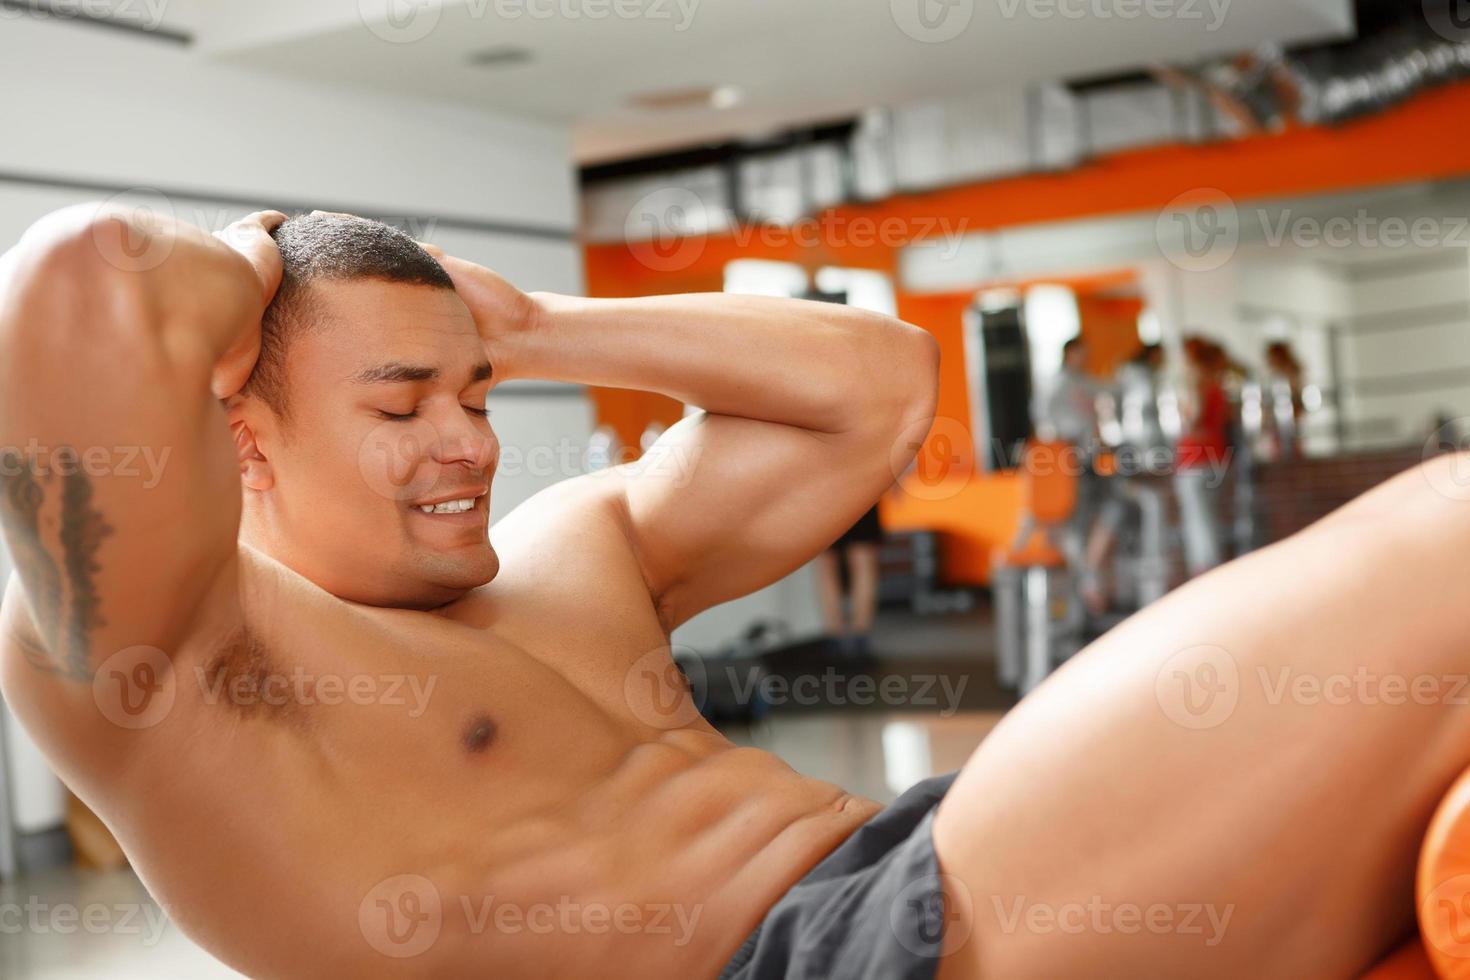 jonge aangename man doen buik crunches in de sportschool foto